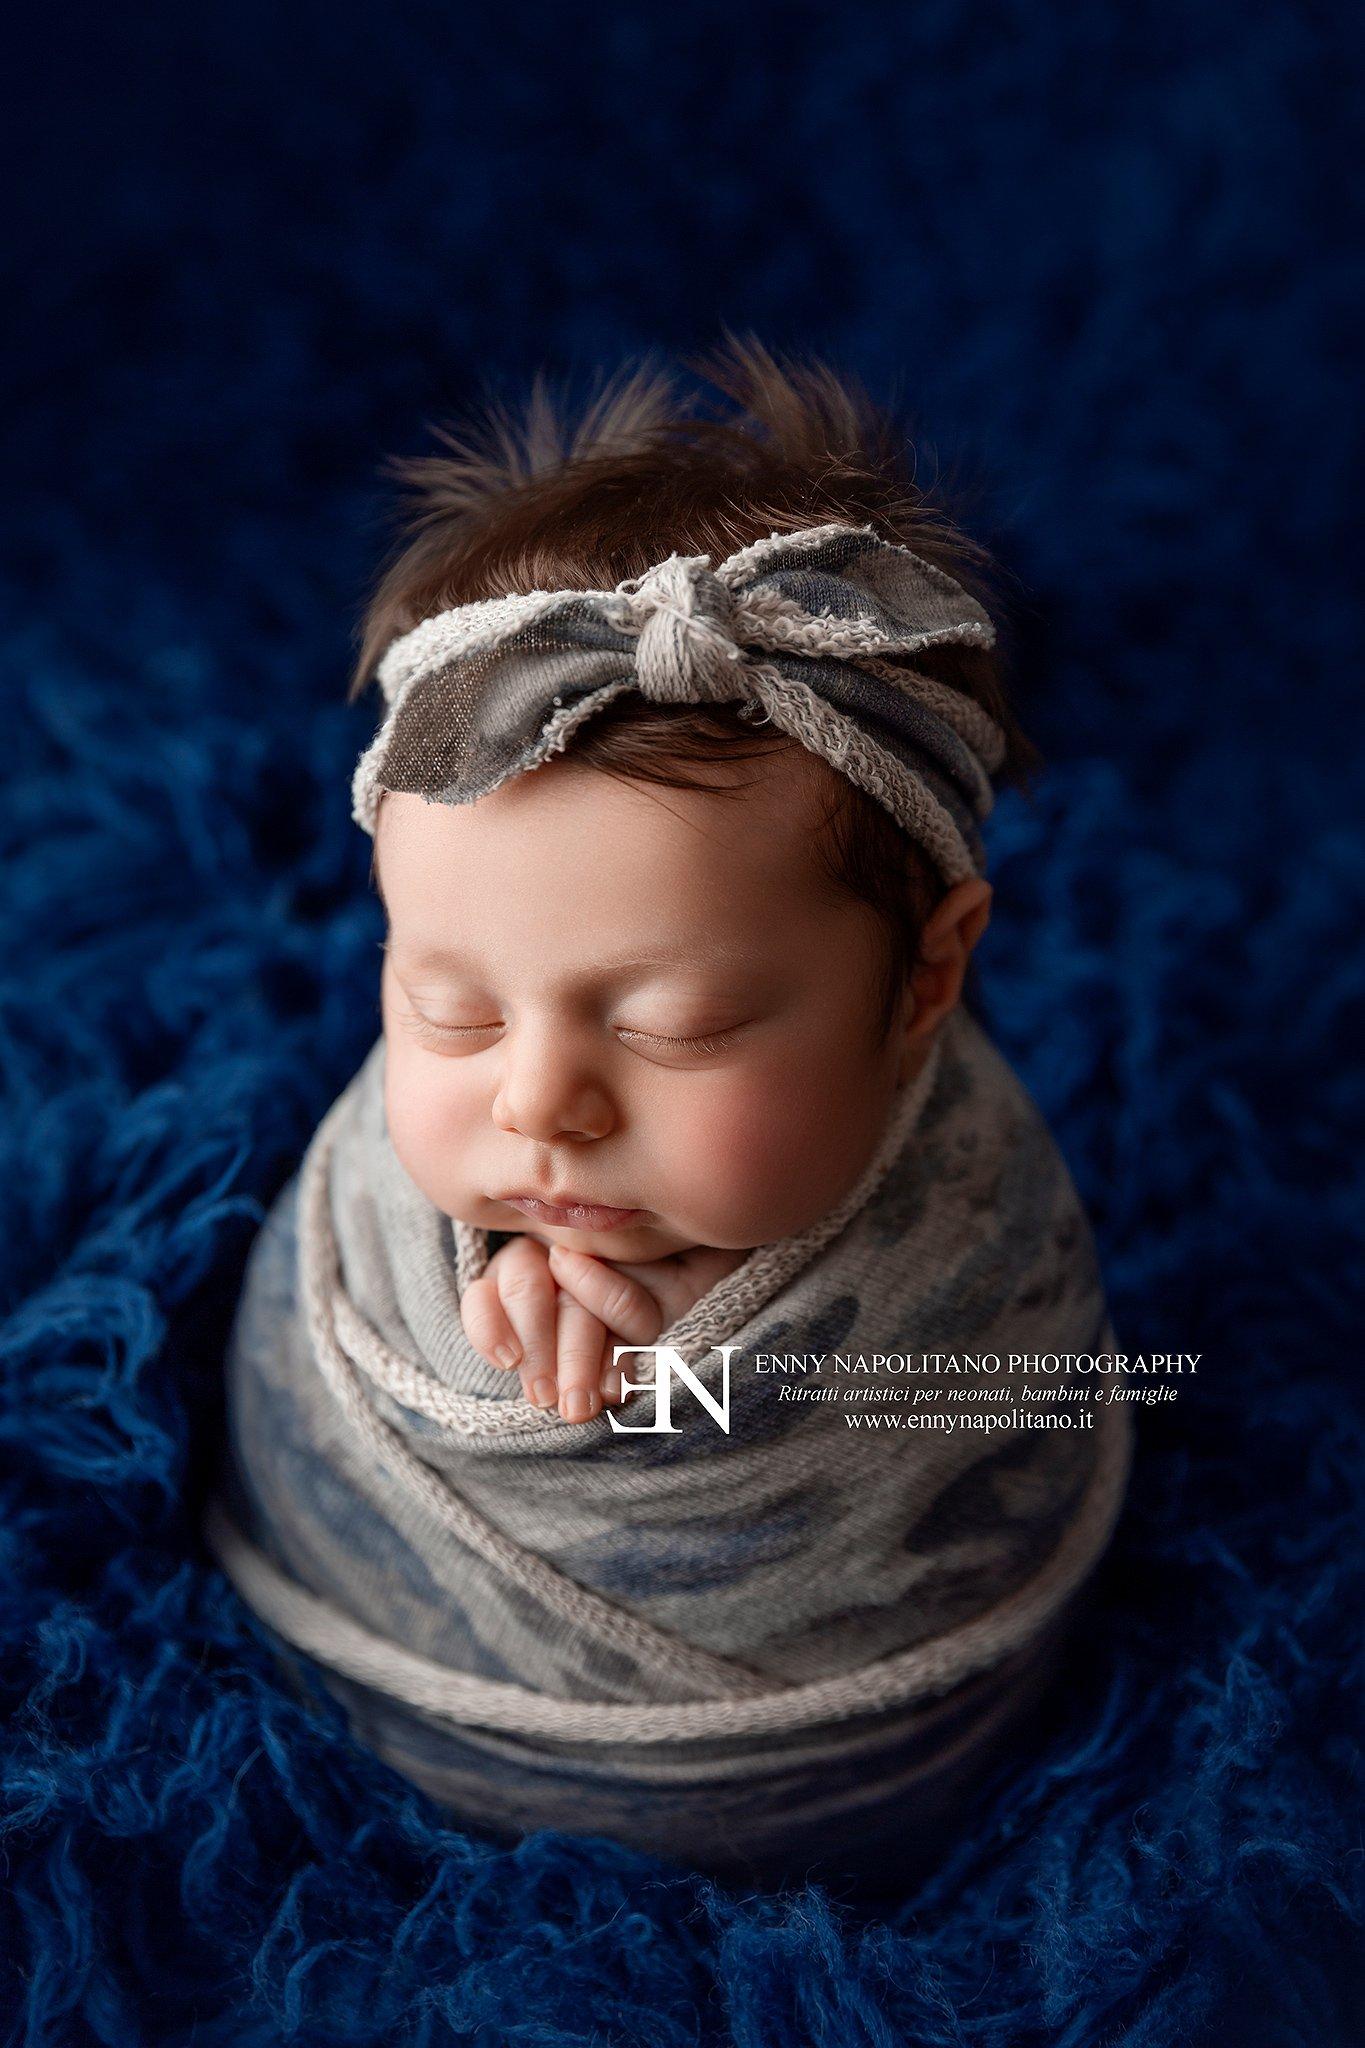 servizio fotografico per neonati Milano, Monza, Pavia, Bergamo, Brescia